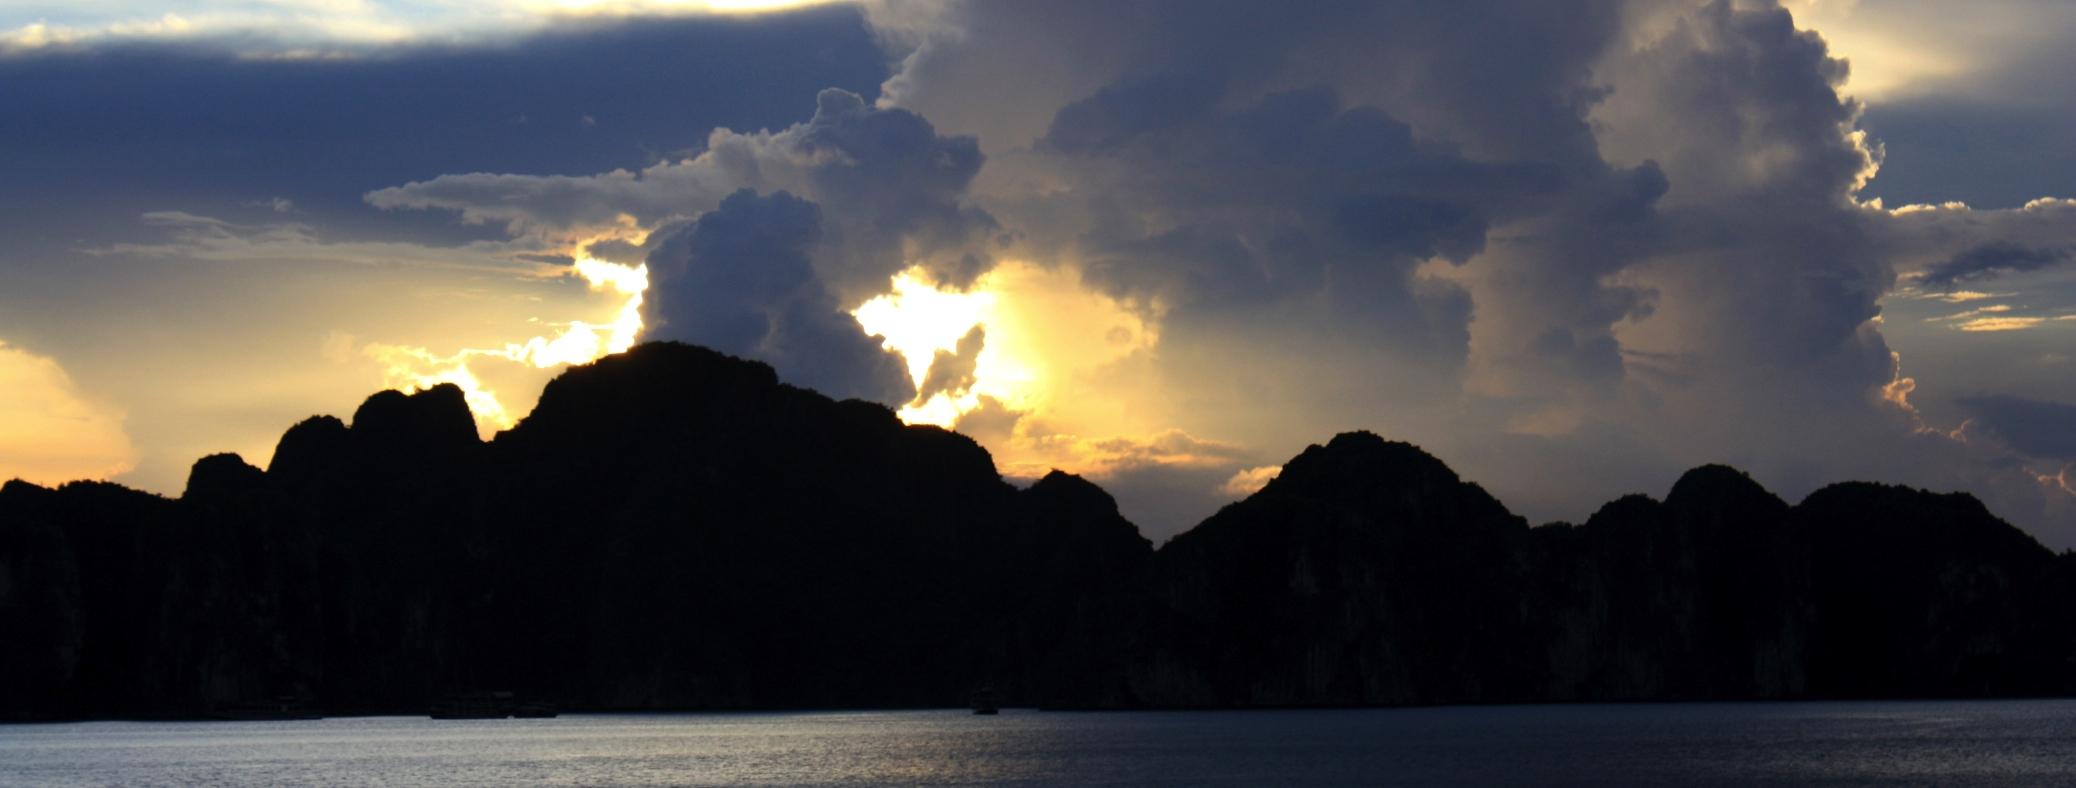 Coucher de soleil Baie d'Along